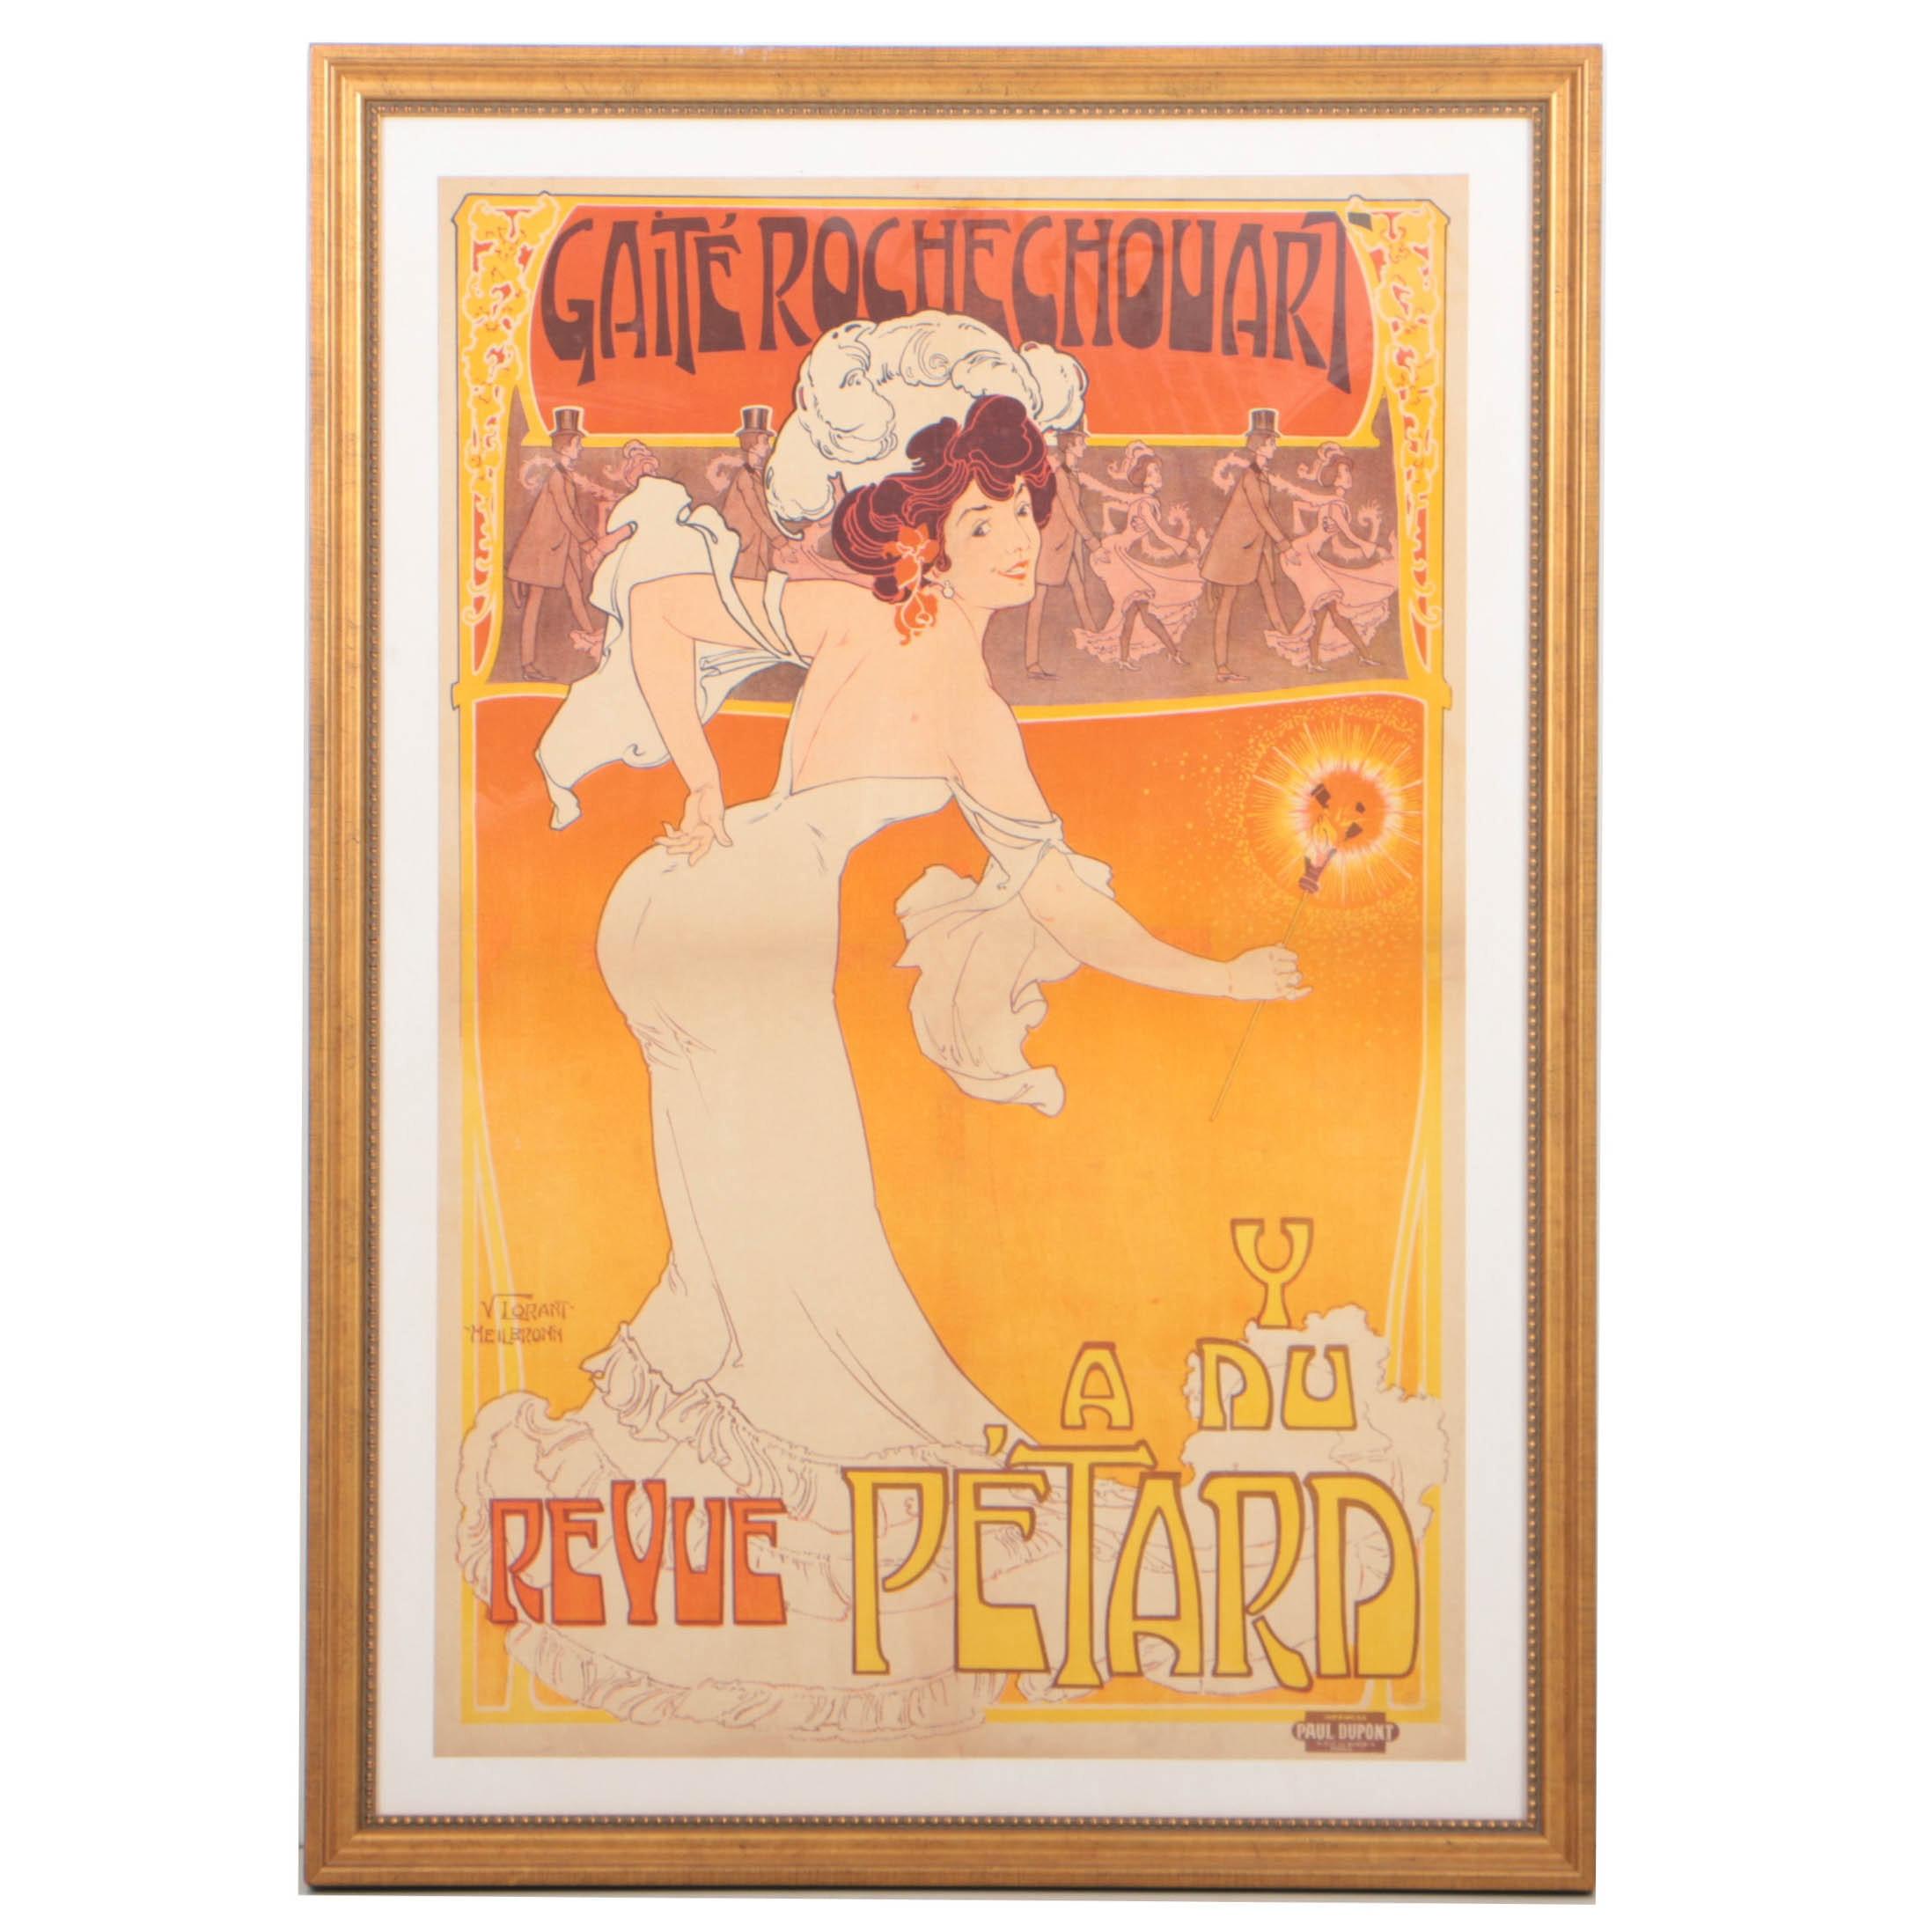 Circa 1890 Art Nouveau Lithograph Poster Designed by Vincent Lorant-Heilbronn